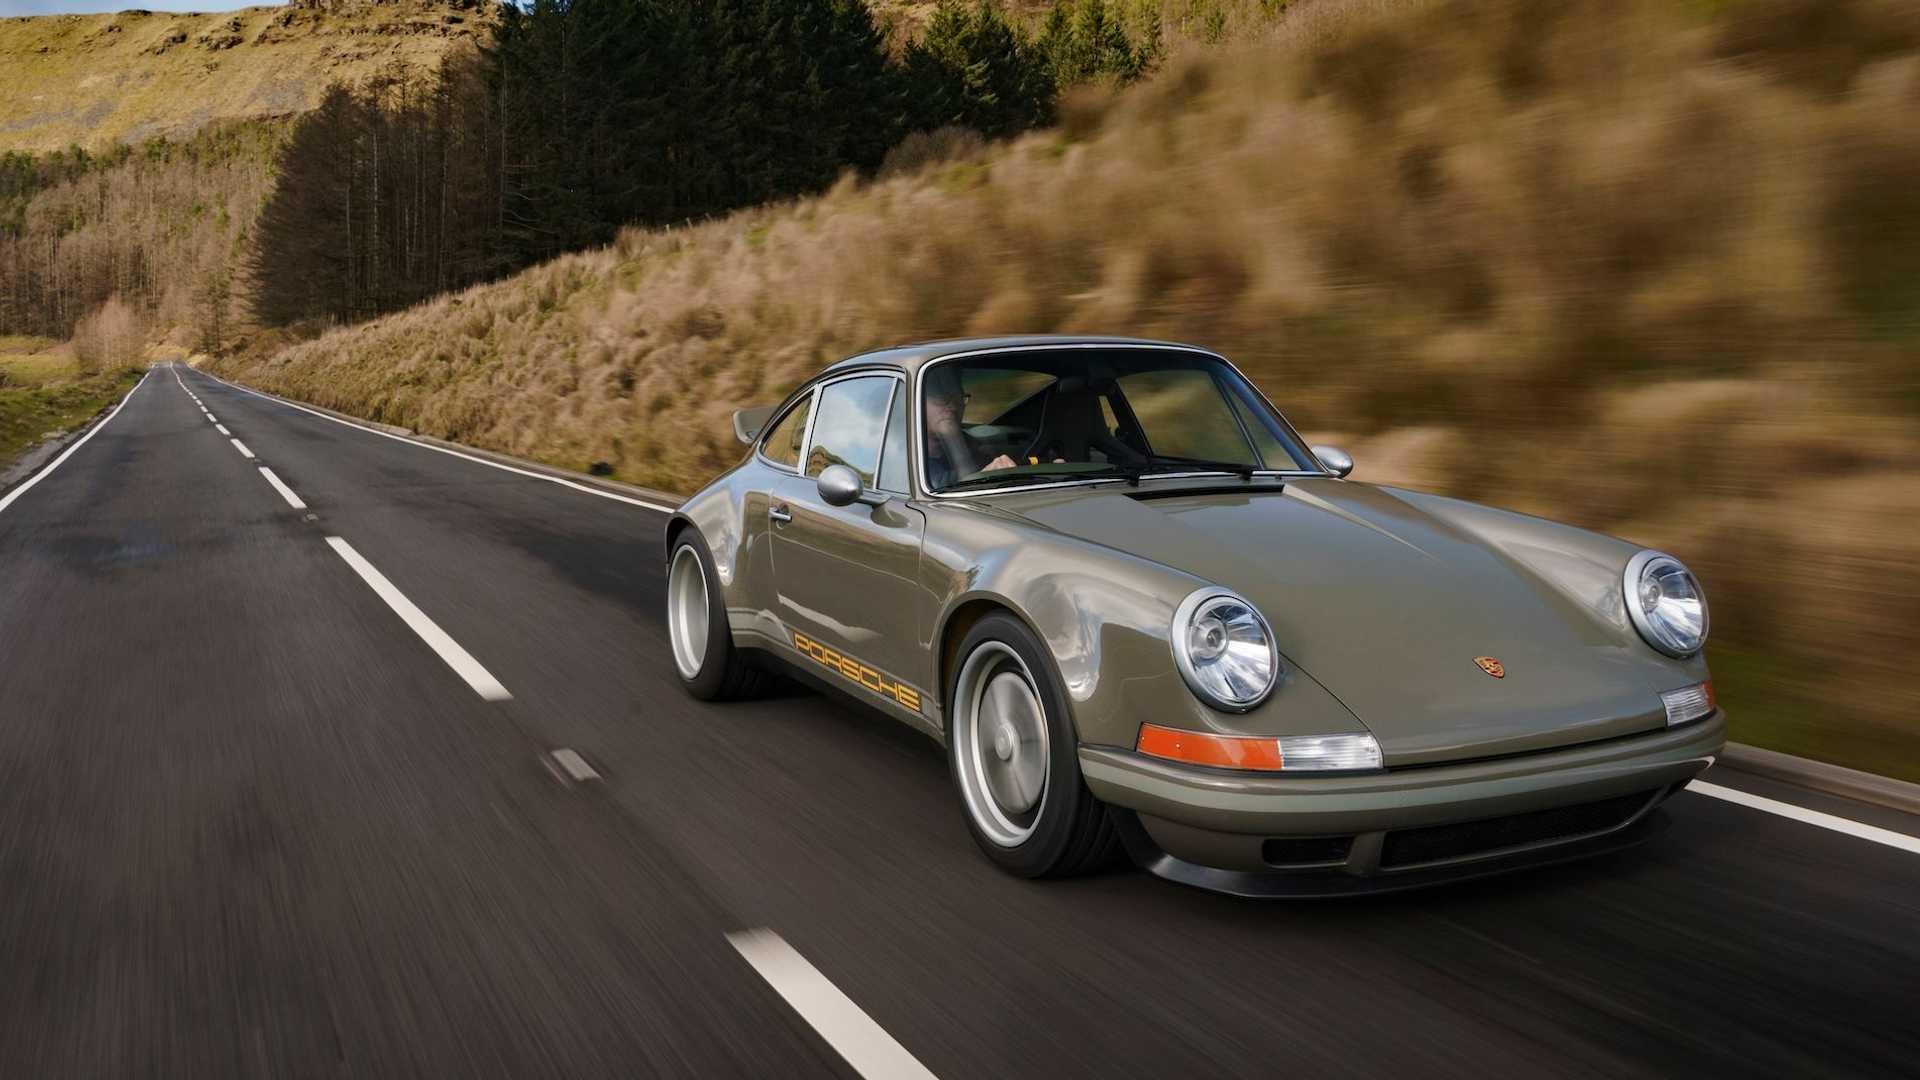 Theon-Design-HK002-Porsche-911-46